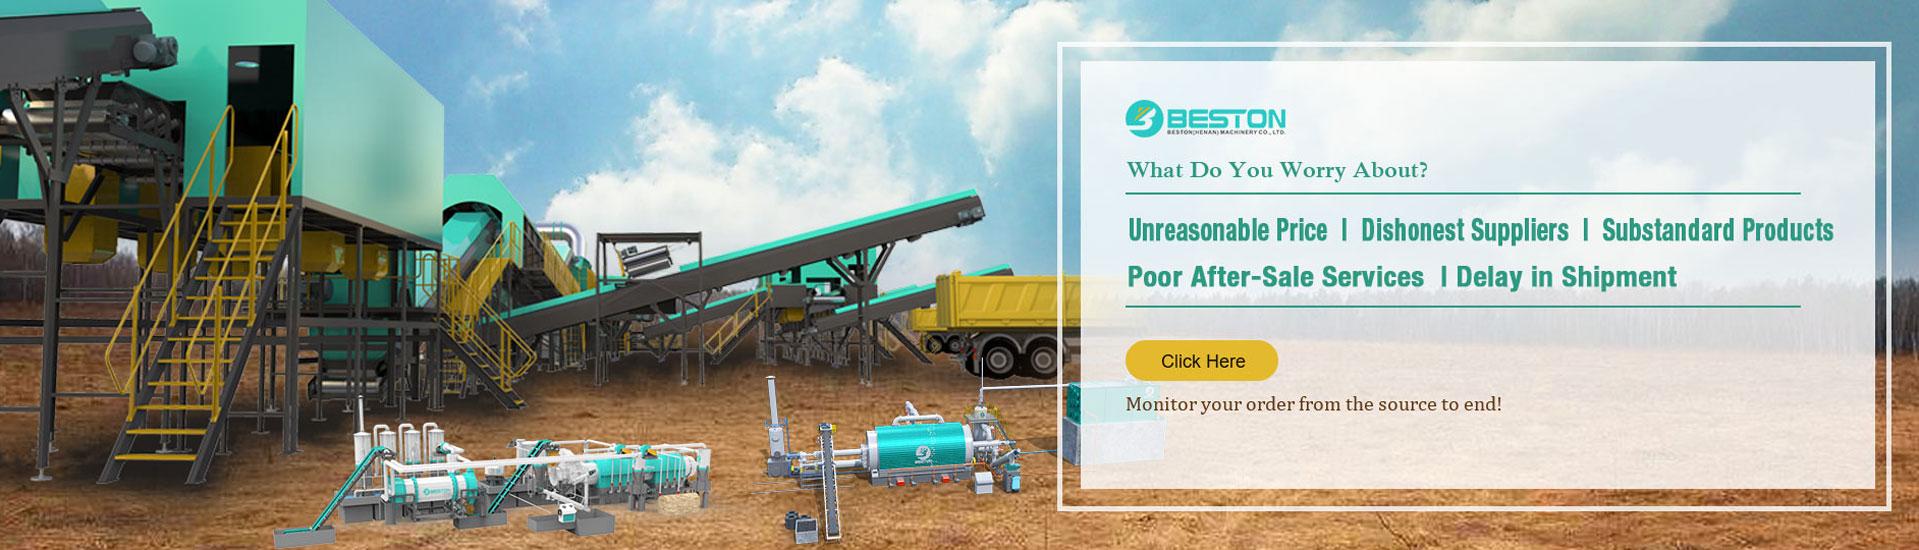 Beston Machinery mall banner